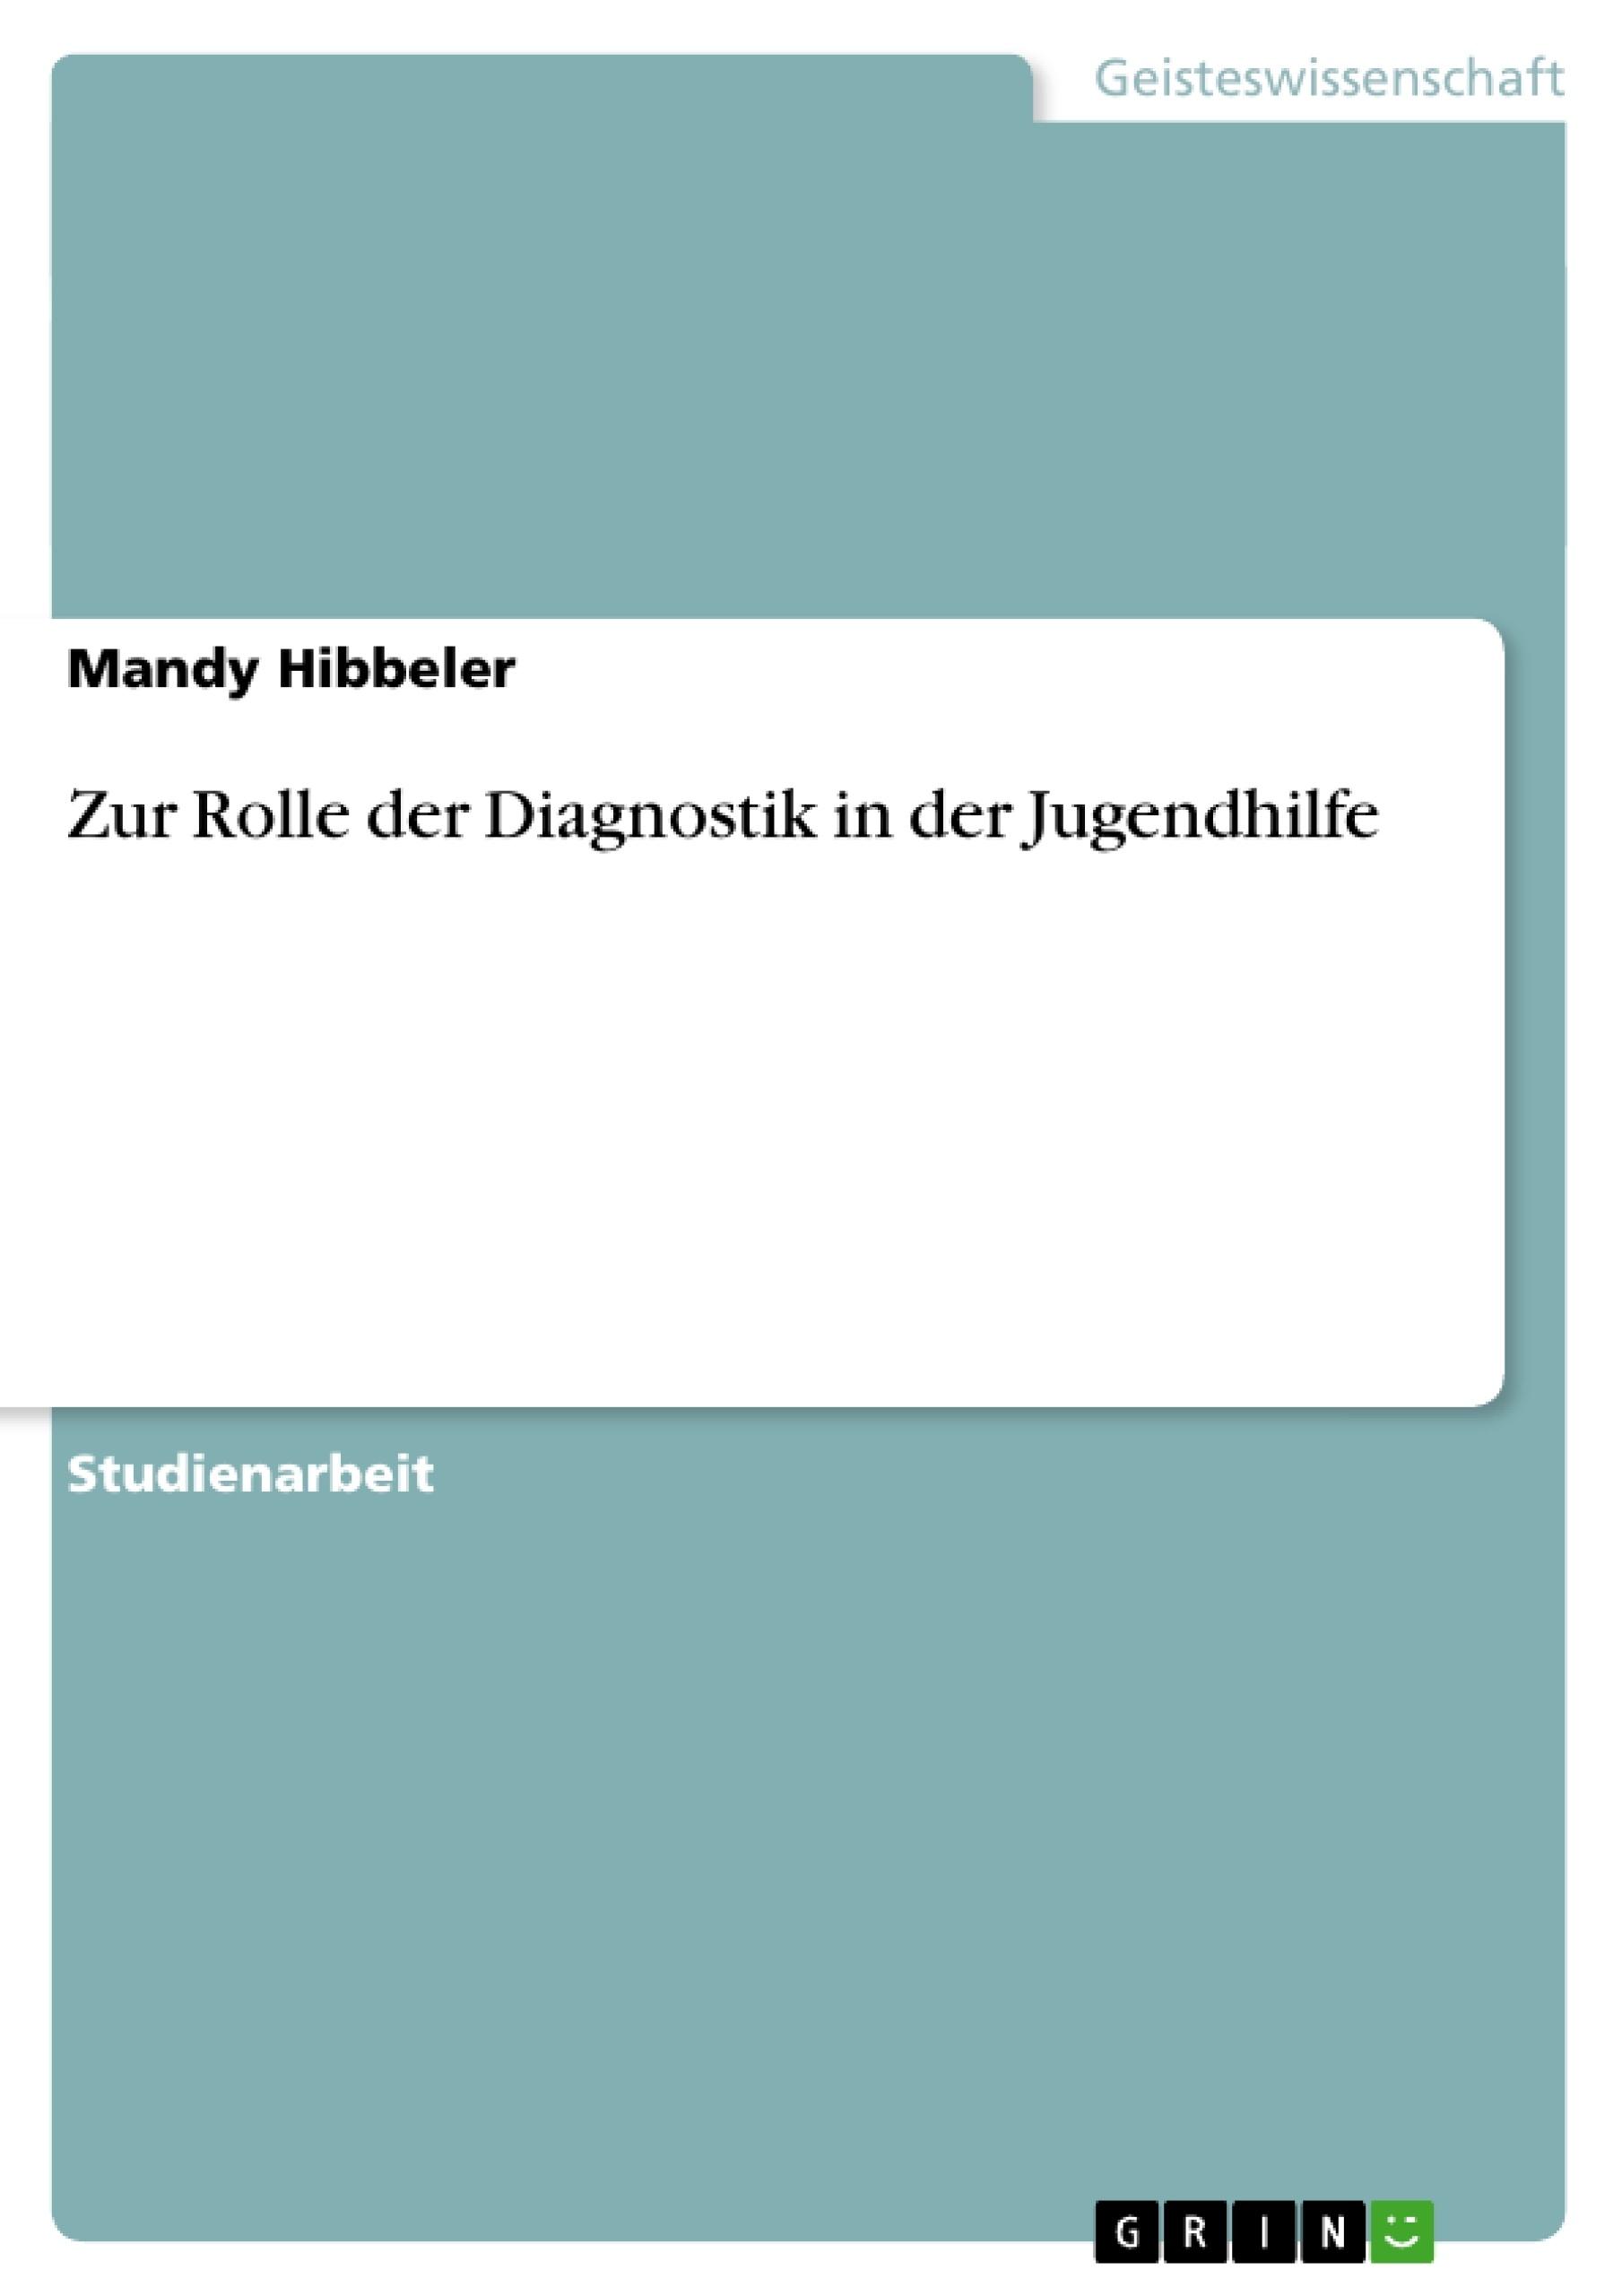 Titel: Zur Rolle der Diagnostik in der Jugendhilfe